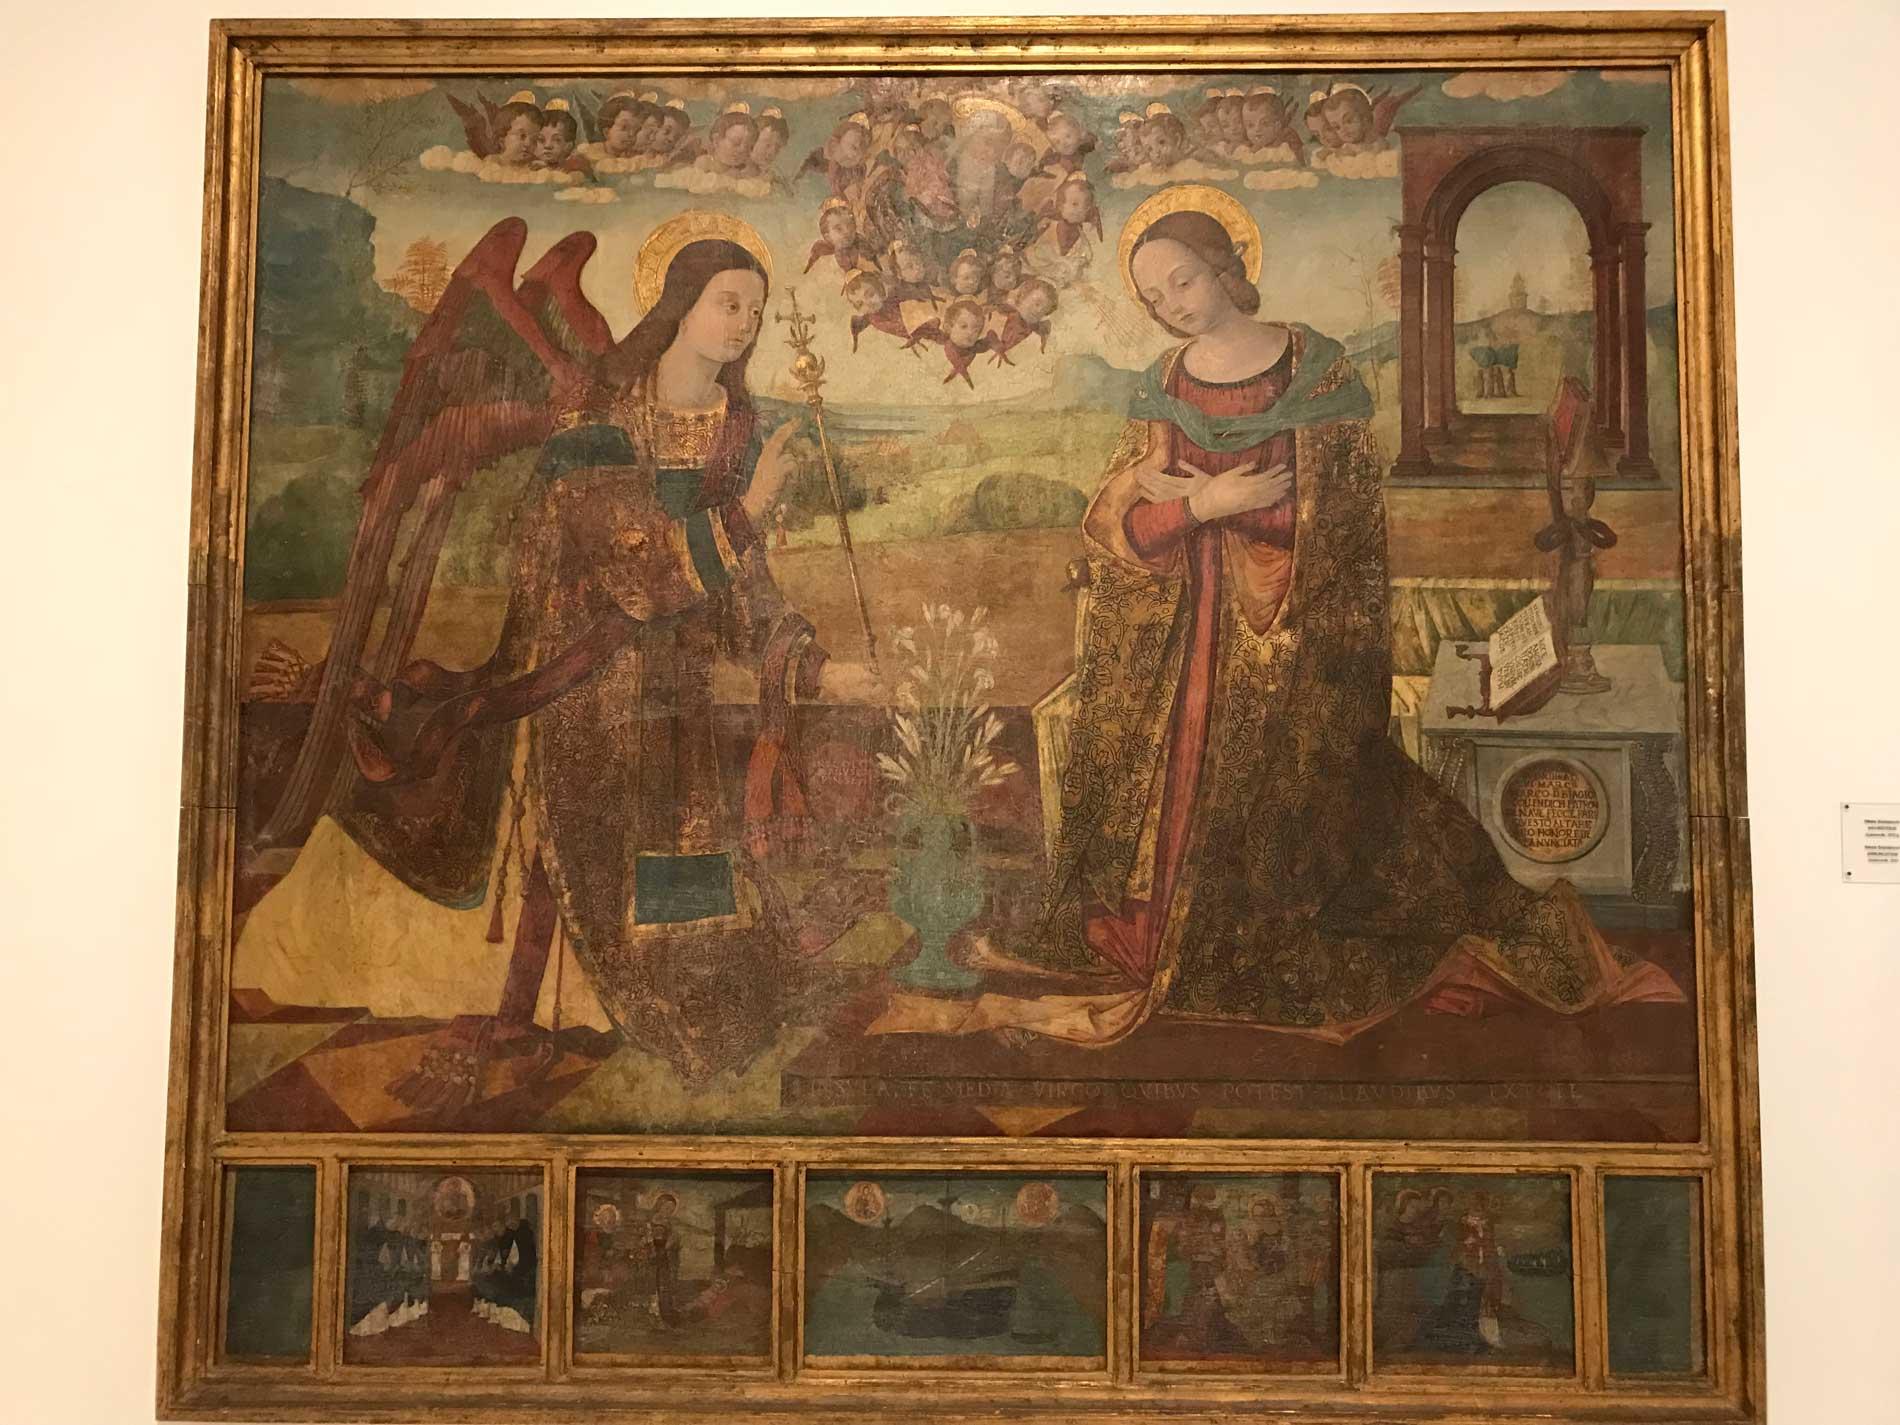 Dubrovnik-Croazia-monastero-dei-benedettini-quadro-ragusino